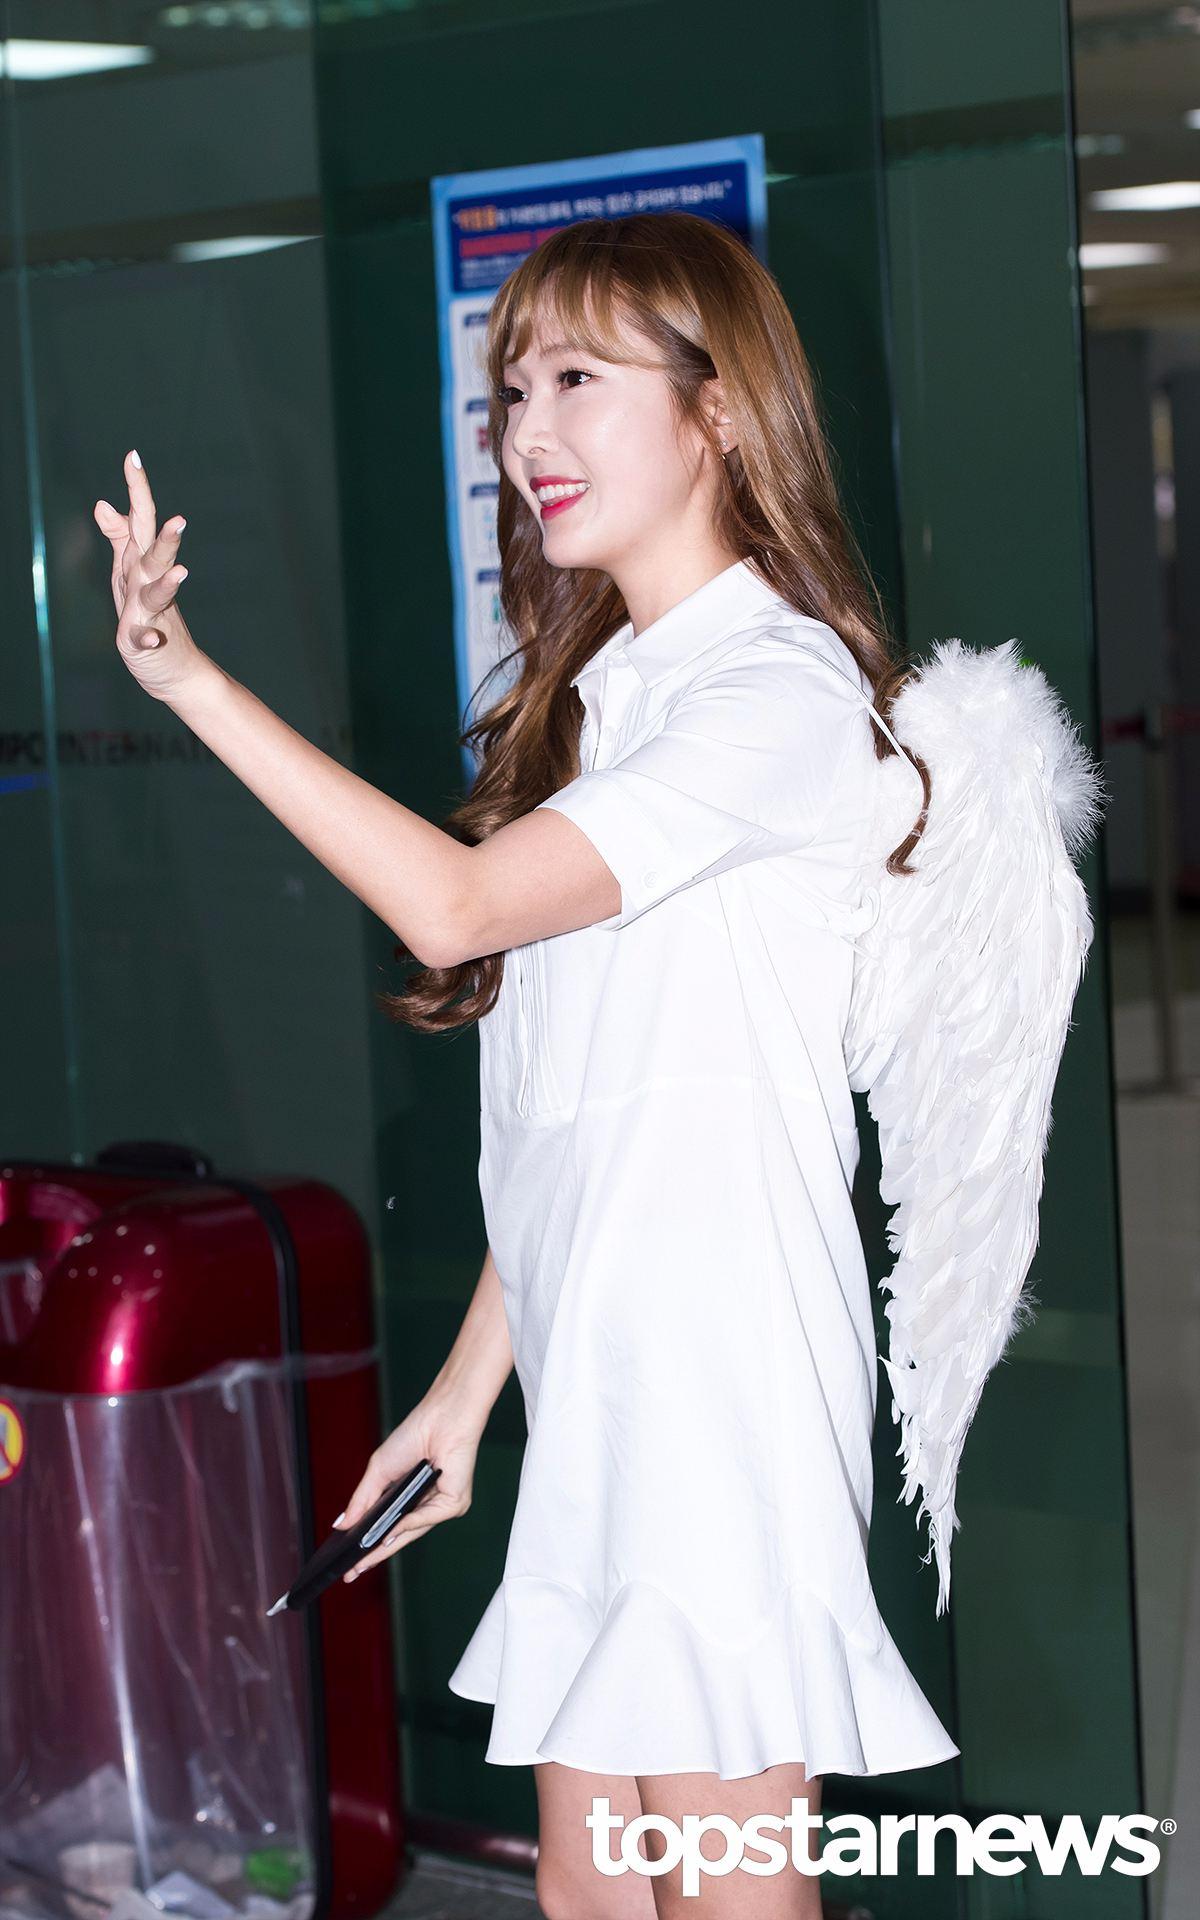 為了履行跟粉絲的音源一位約定,帶著翅膀亮相機場的暖心舉動。